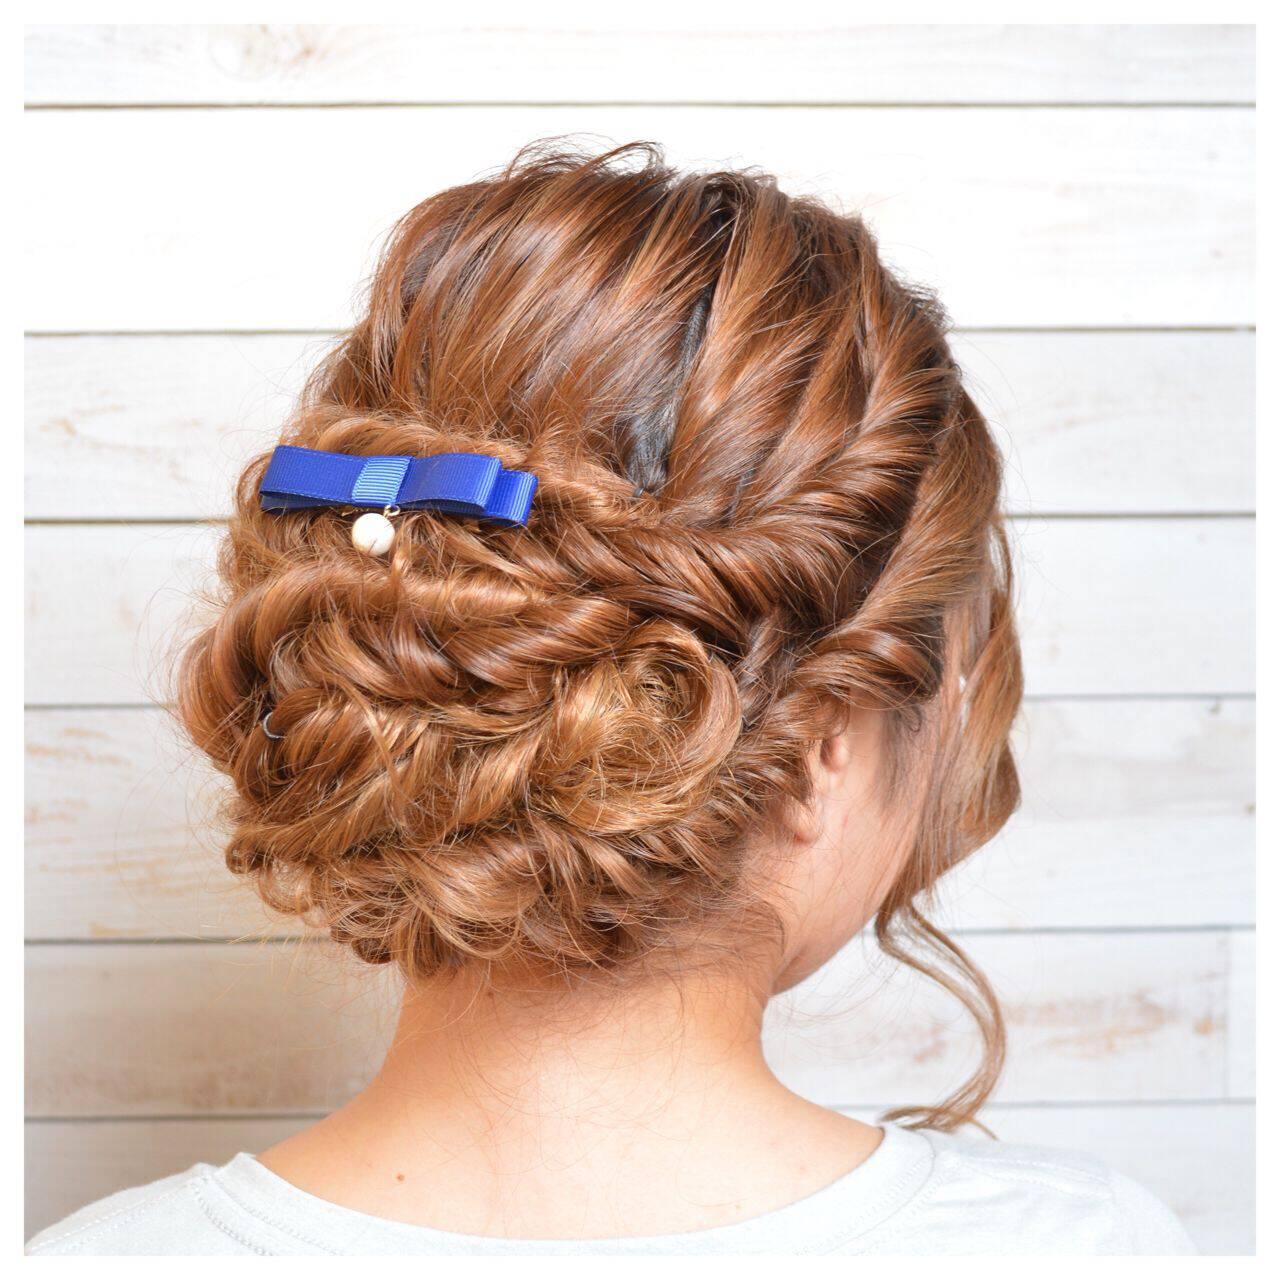 編み込み アップスタイル パーティ ヘアアレンジヘアスタイルや髪型の写真・画像